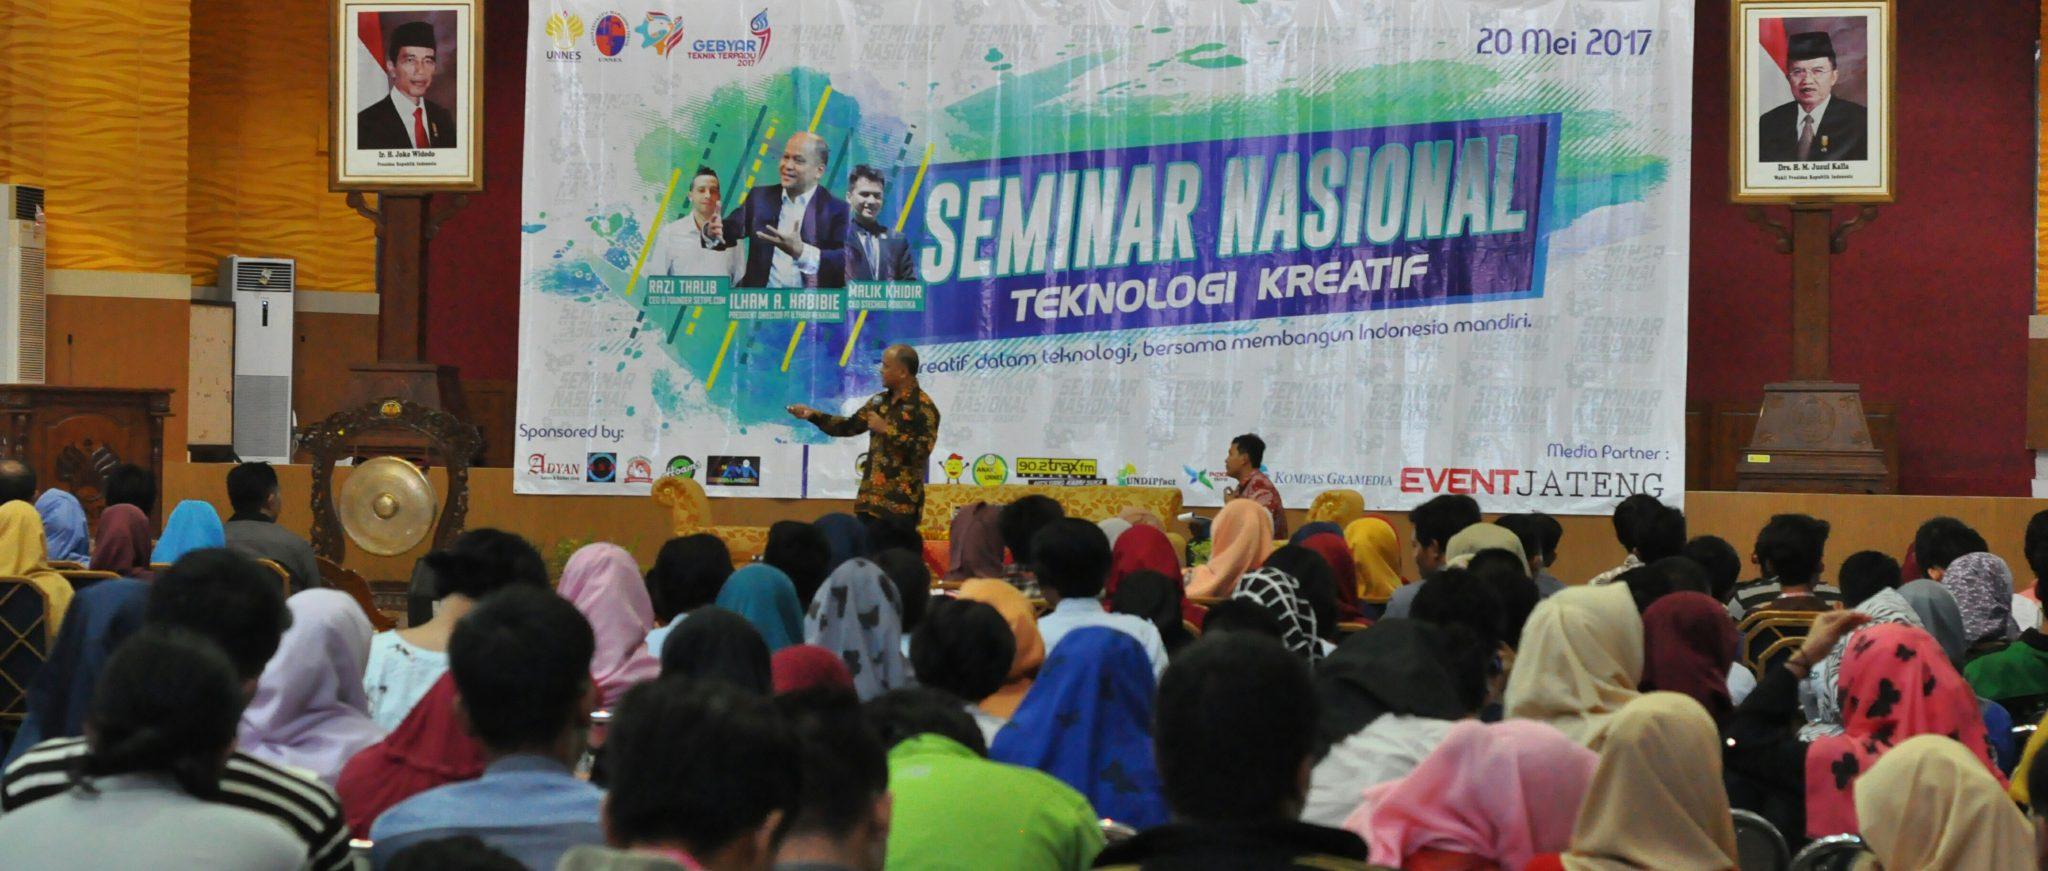 Tumbuhkan Motivasi Mahasiswa, FT UNNES Gelar Seminar Nasional Teknologi Kreatif